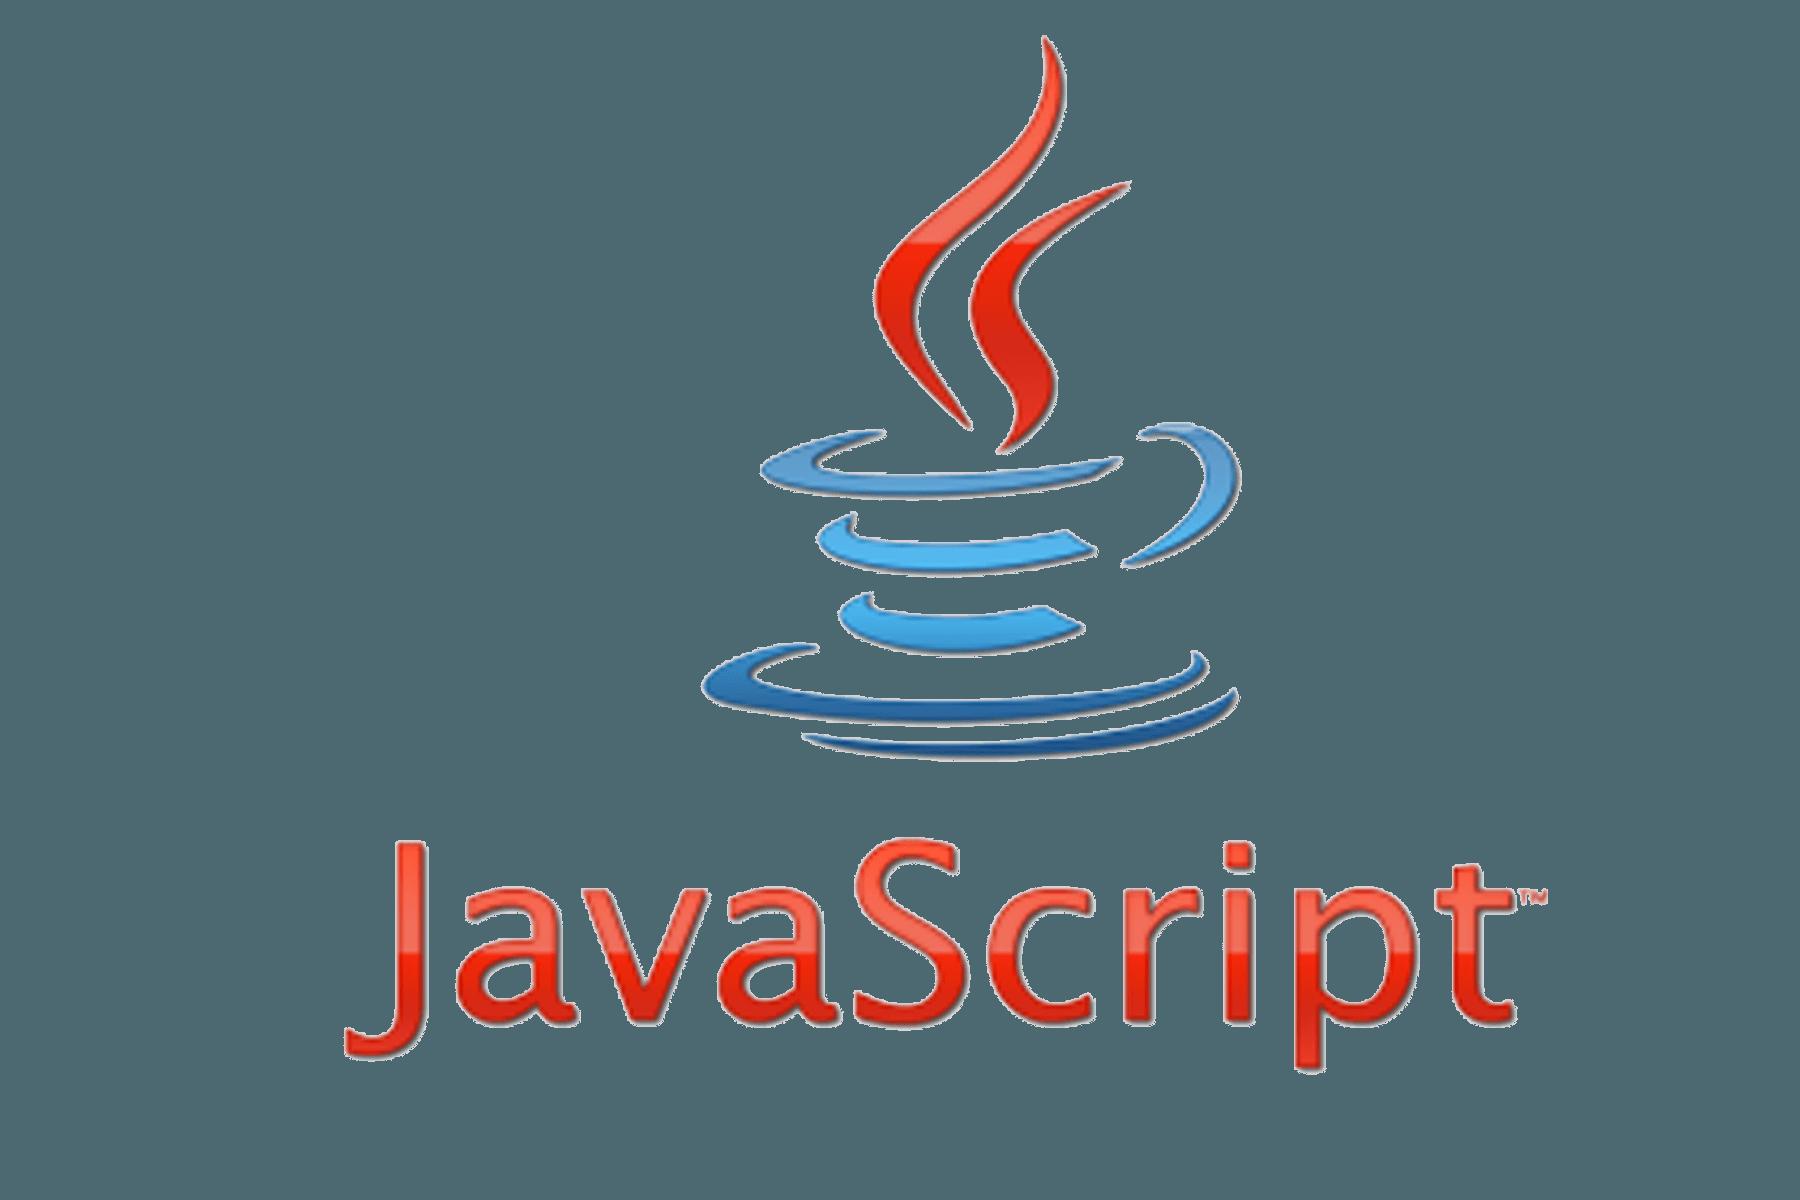 تعلم لغة JavaScript أفضل لغات البرمجة مع تطبيق Grasshopper من جوجل